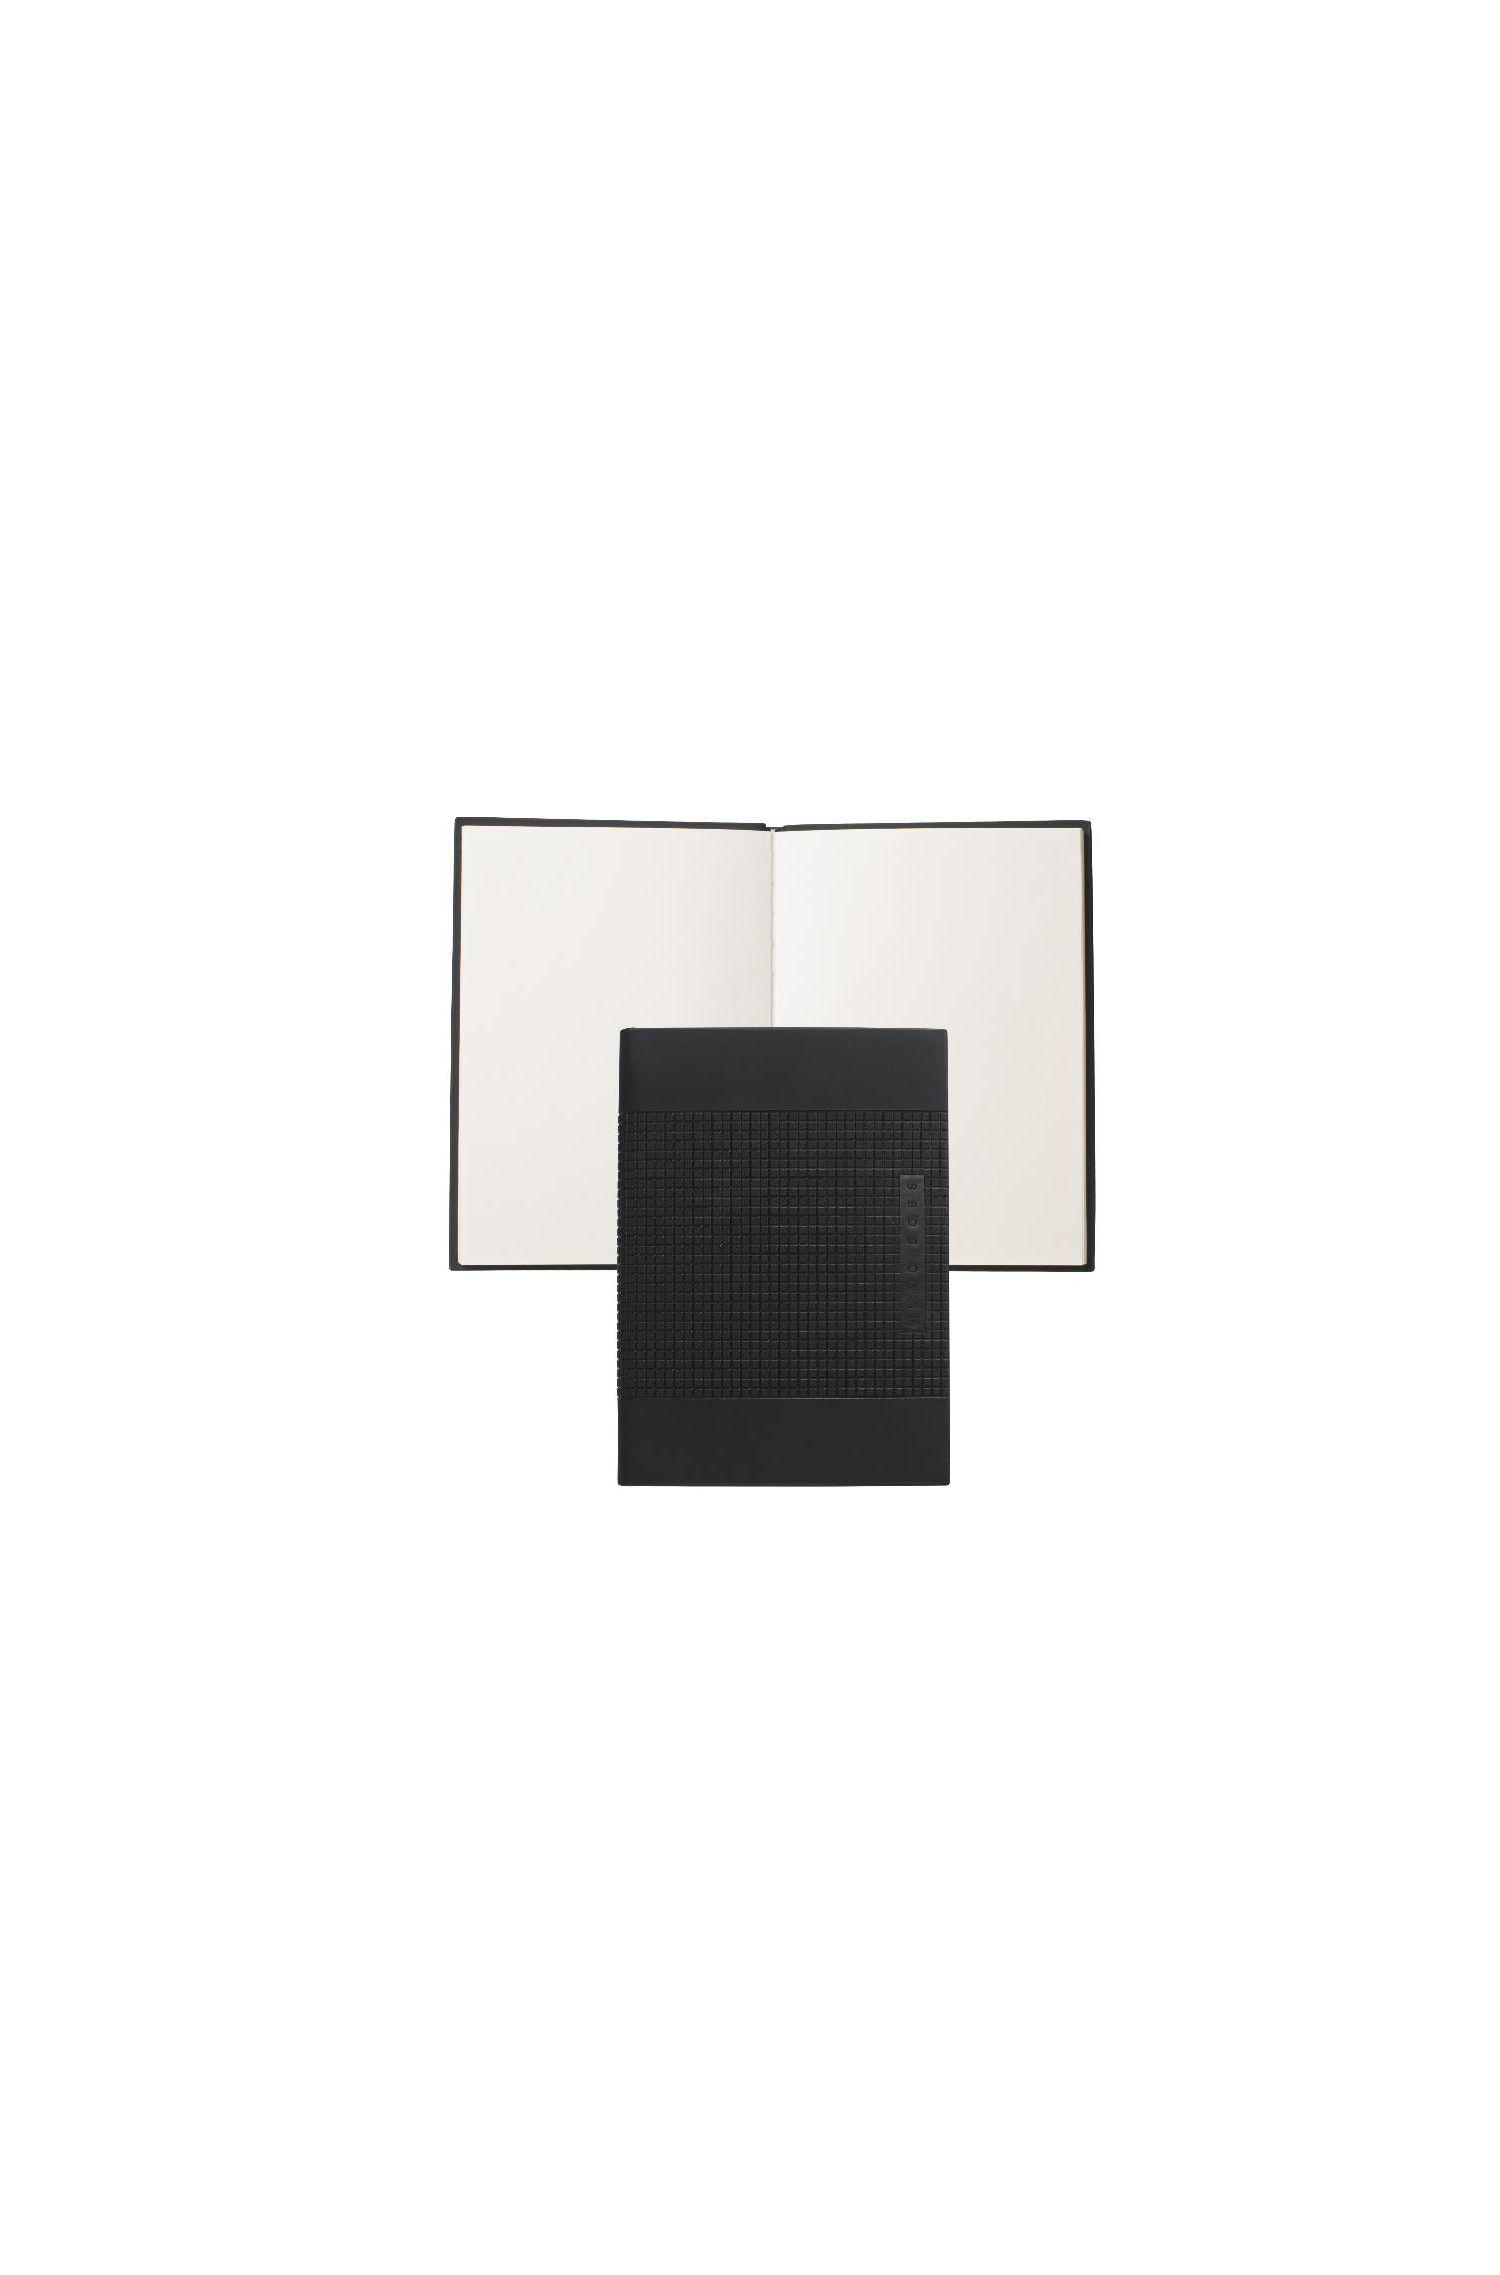 Taccuino in formato DIN A6 con copertina rigida lavorata: 'Grid'